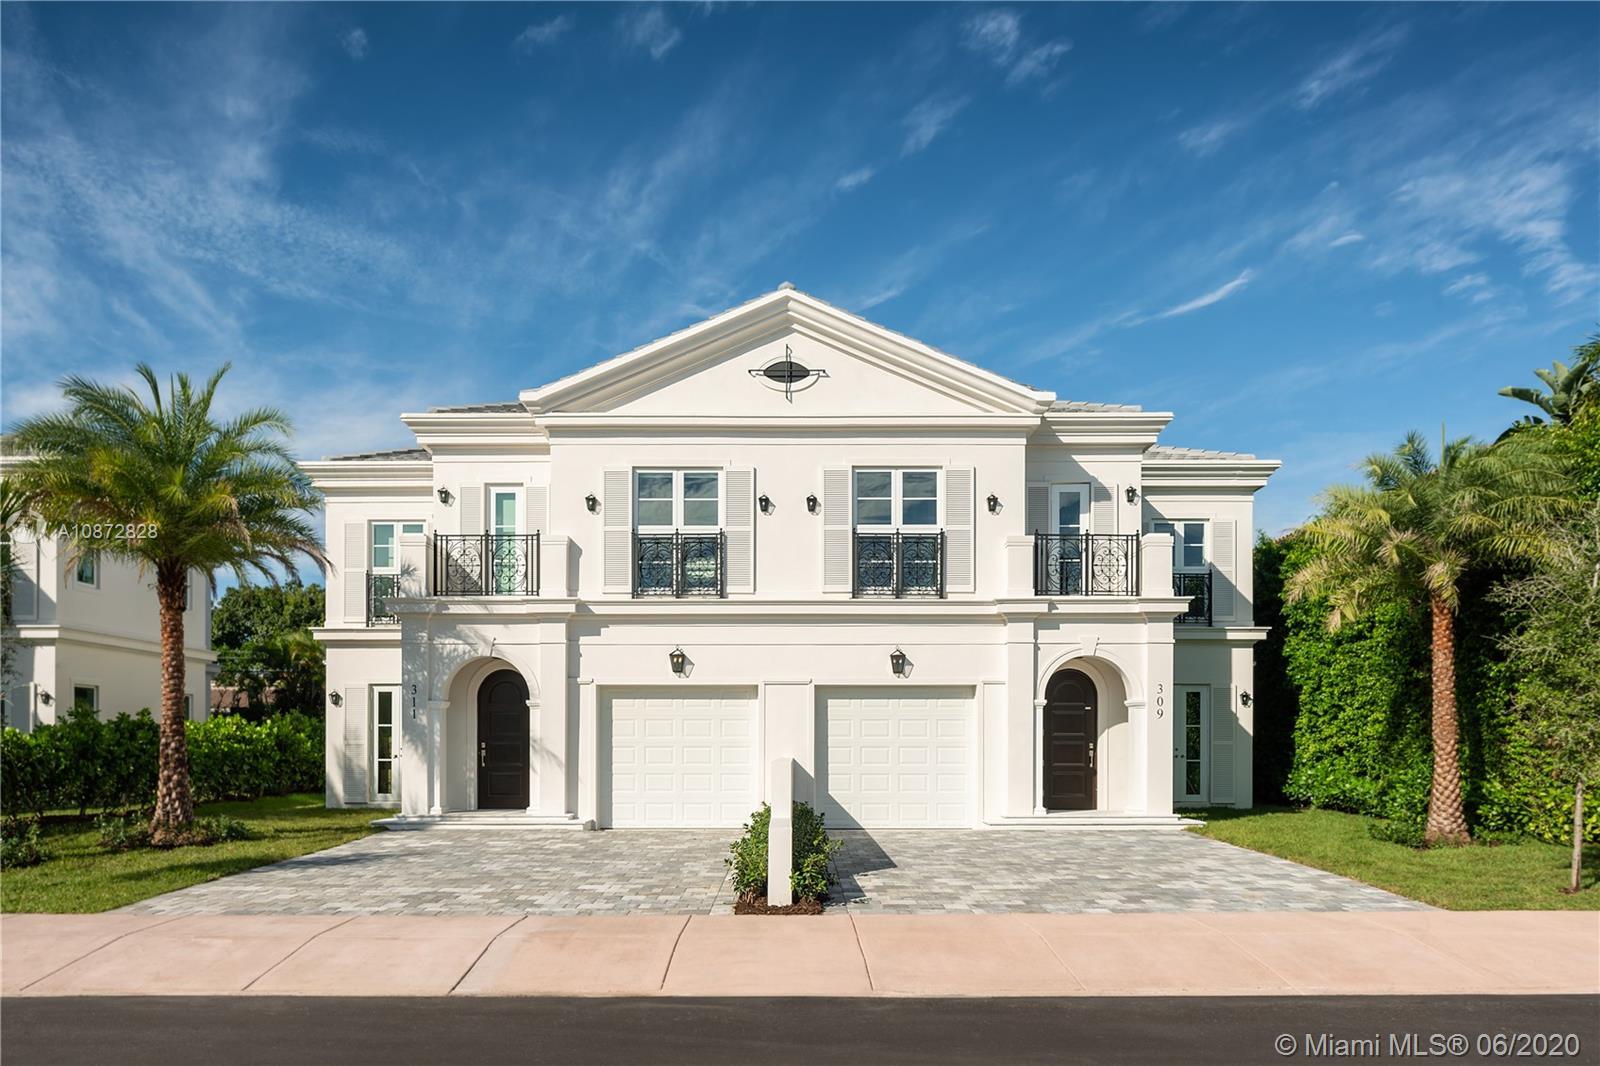 311 Santander Ave, Coral Gables, Florida 33134